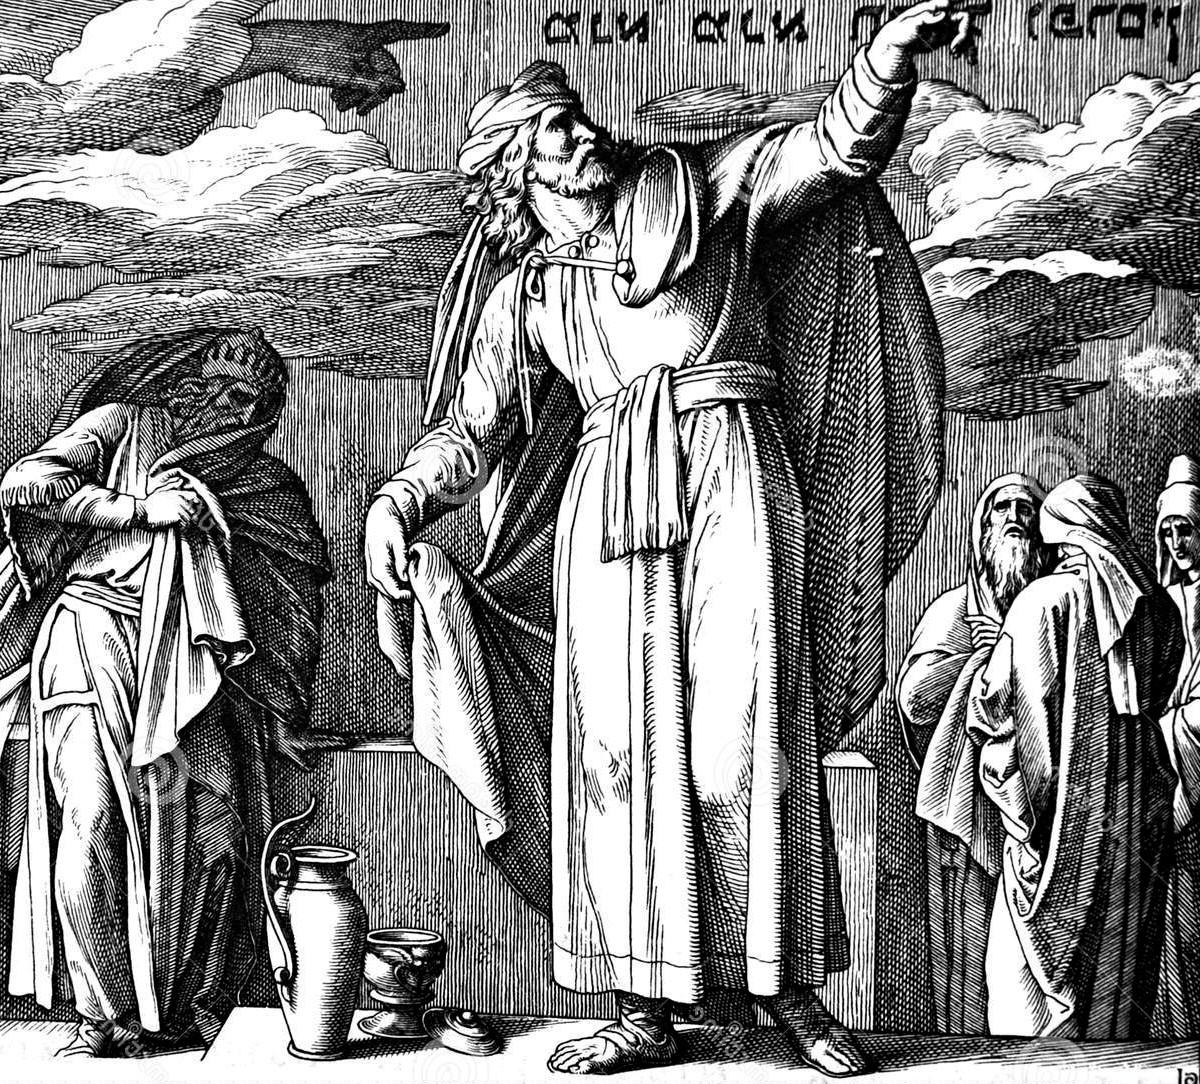 le-prophète-daniel-inscription-sur-le-mur-69560660.jpg